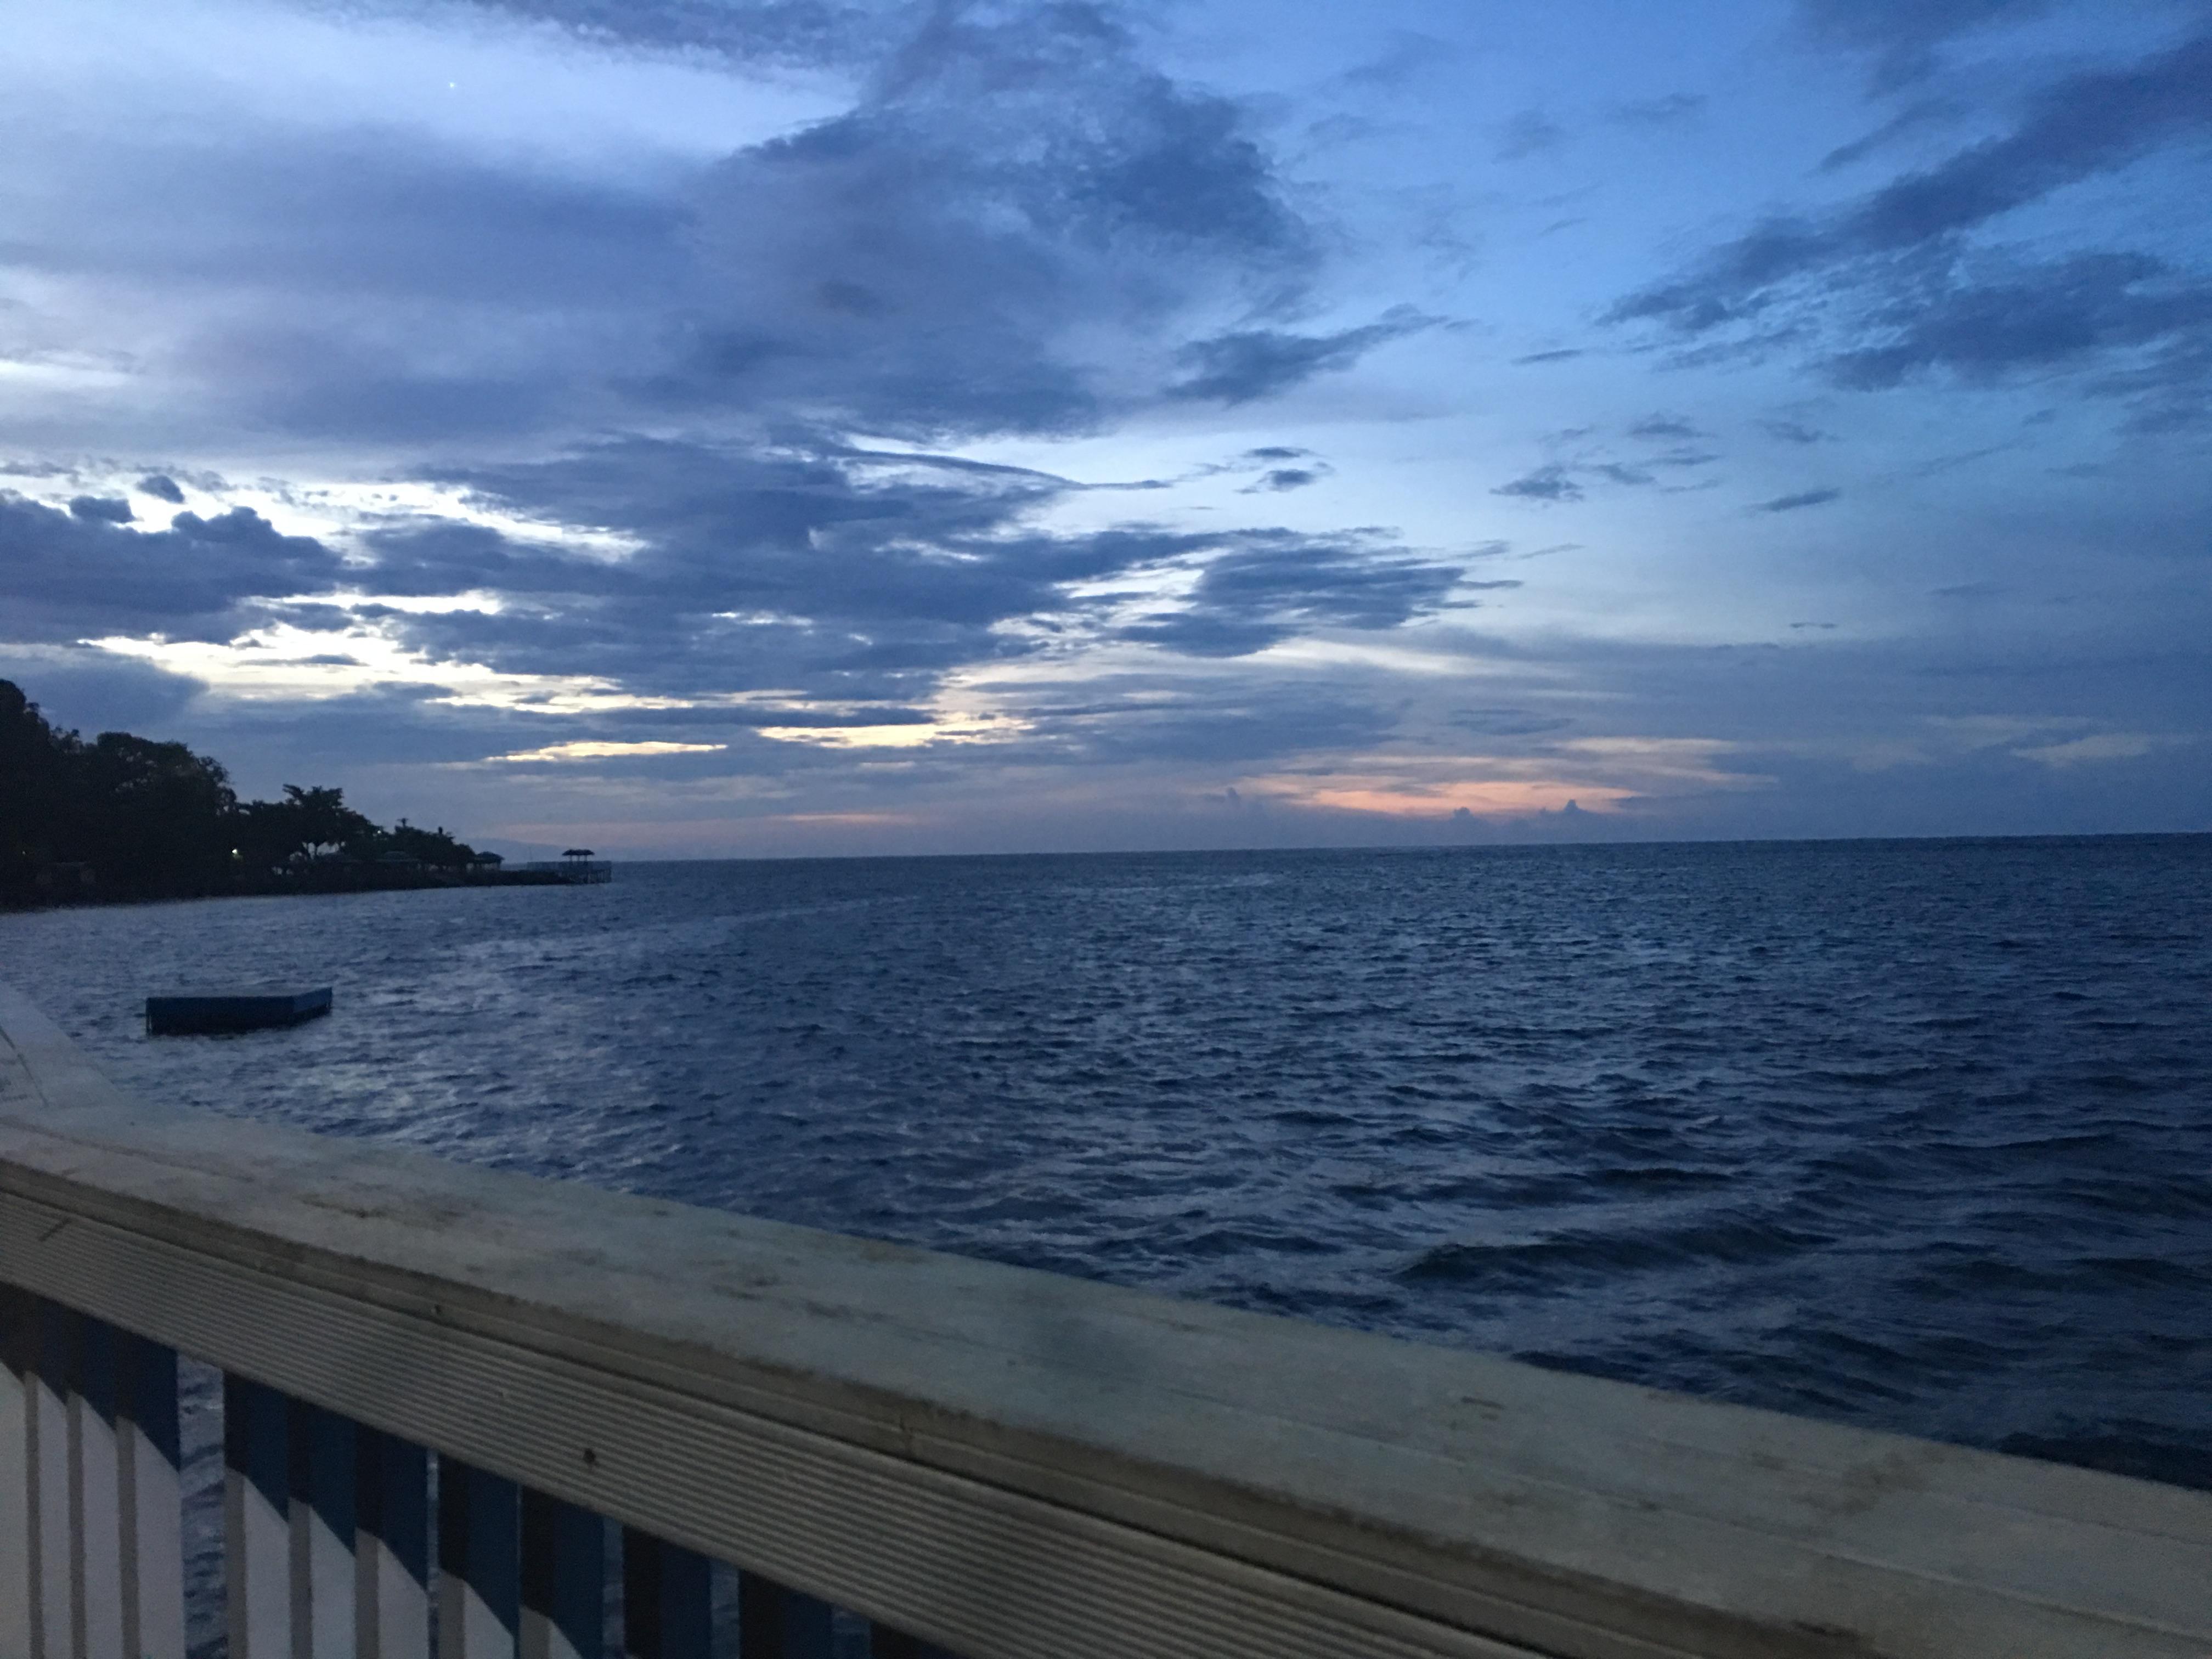 Amazing sunset at LeUaina